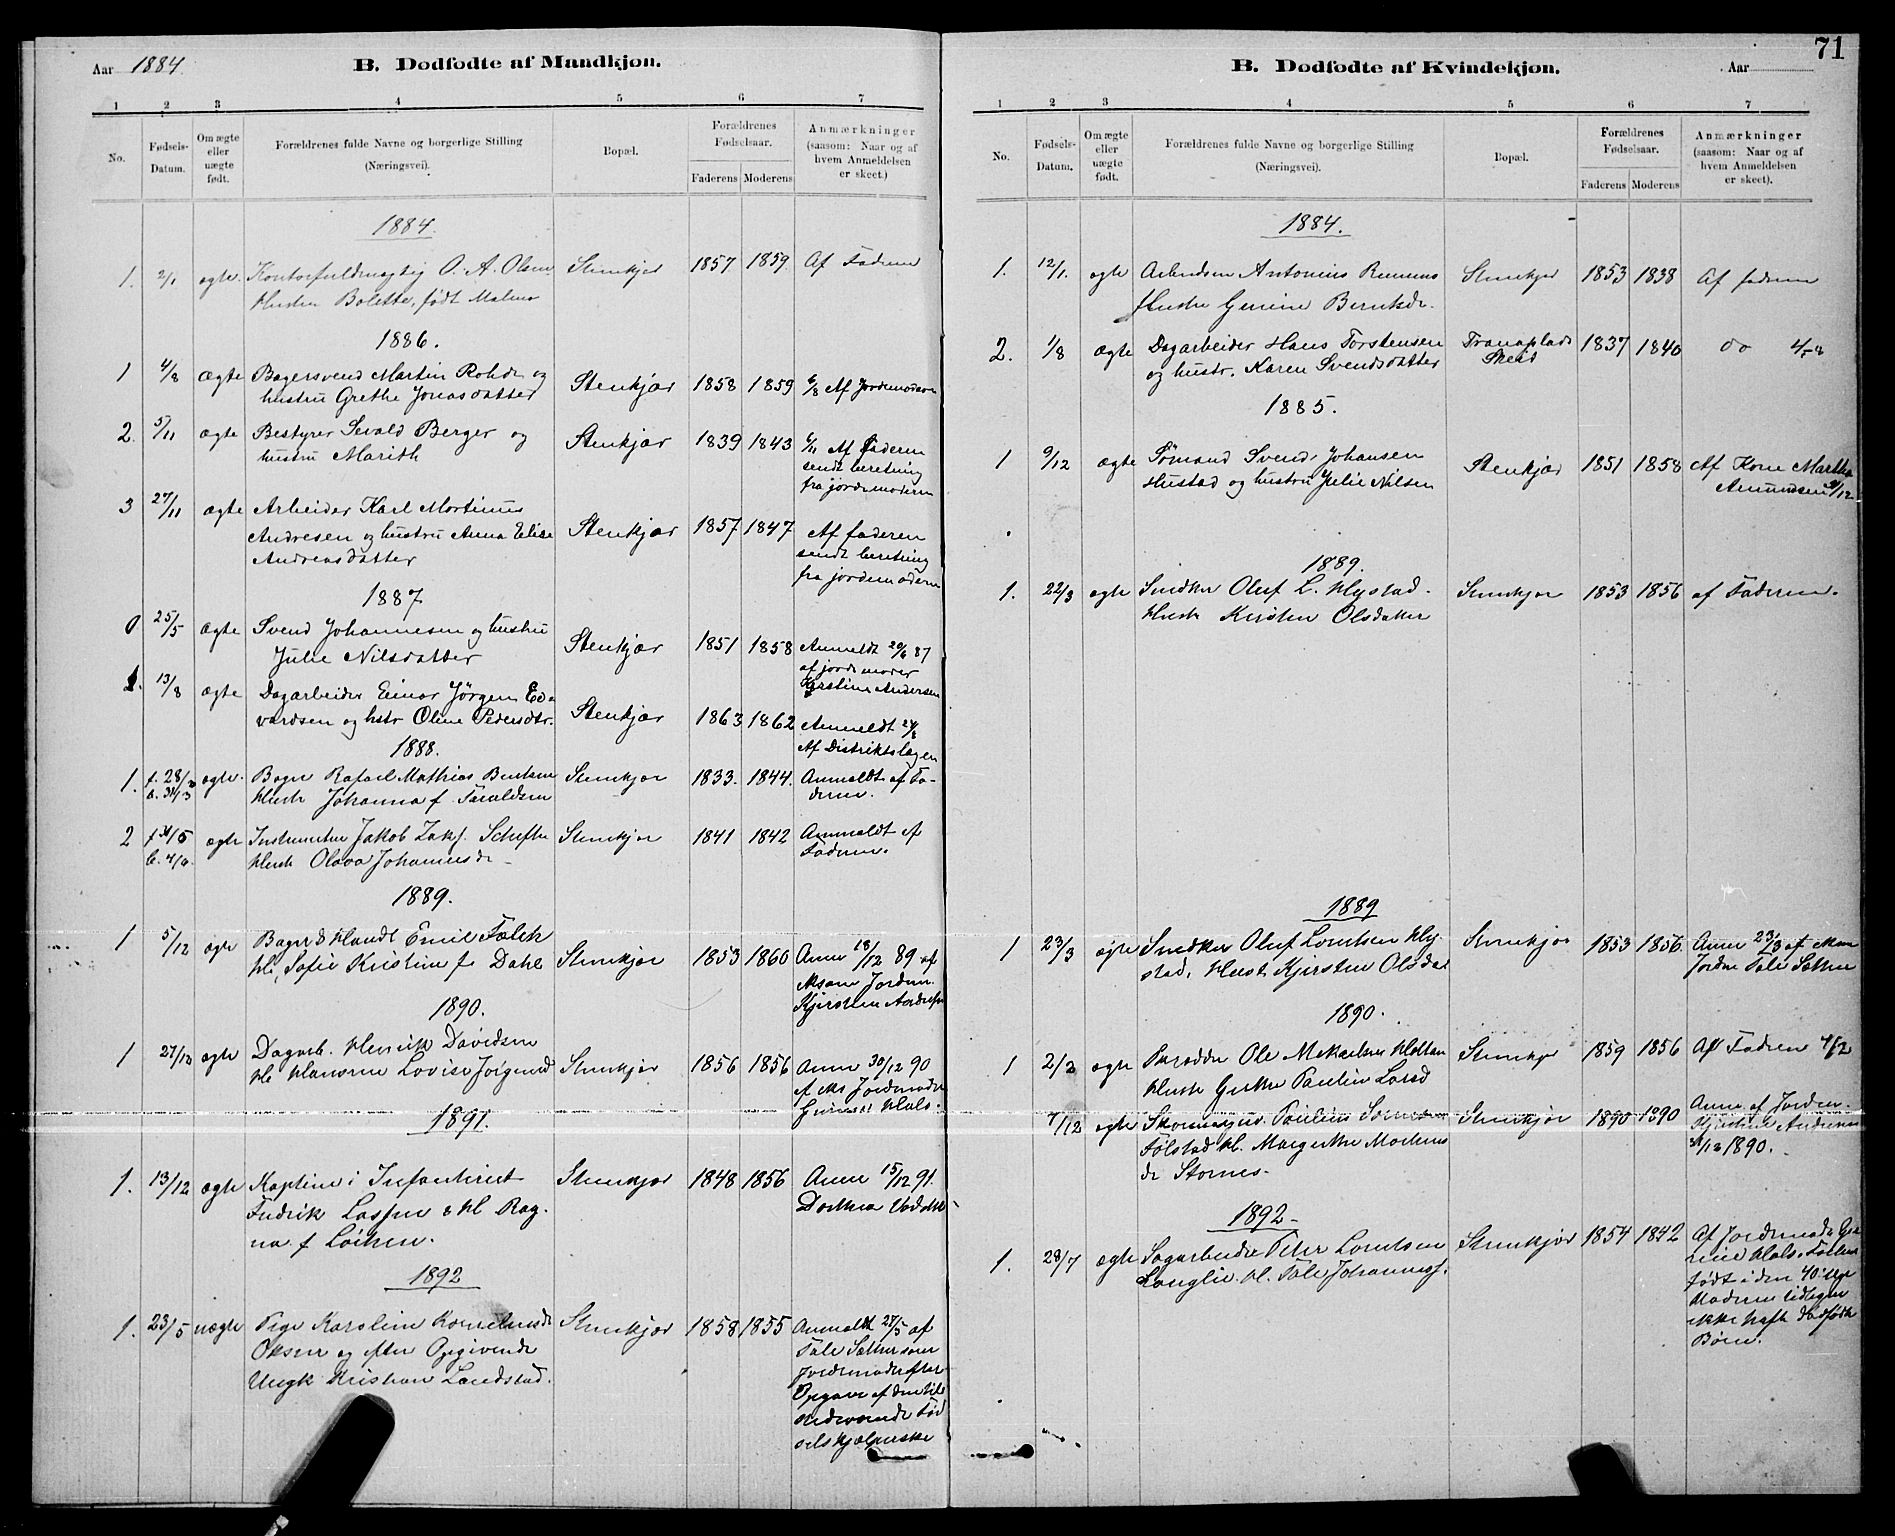 SAT, Ministerialprotokoller, klokkerbøker og fødselsregistre - Nord-Trøndelag, 739/L0374: Klokkerbok nr. 739C02, 1883-1898, s. 71